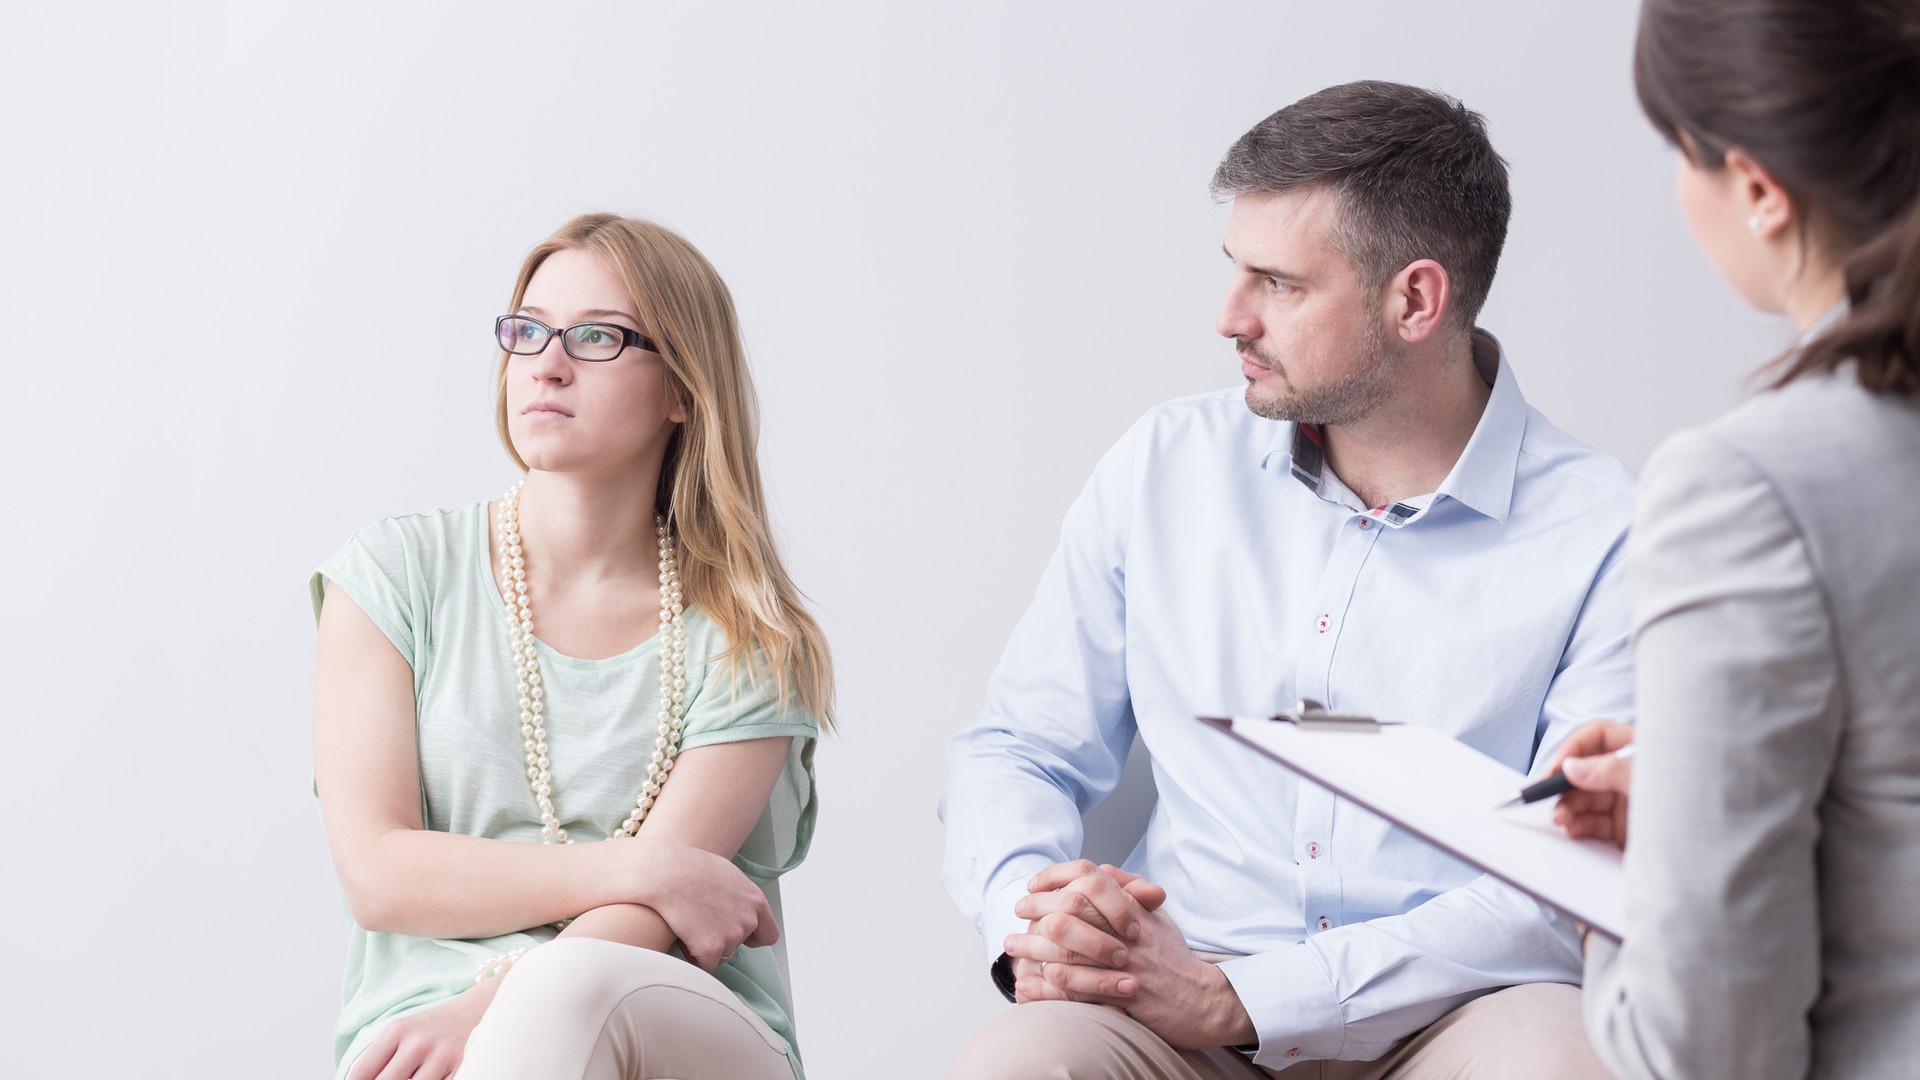 Divorce quickly online